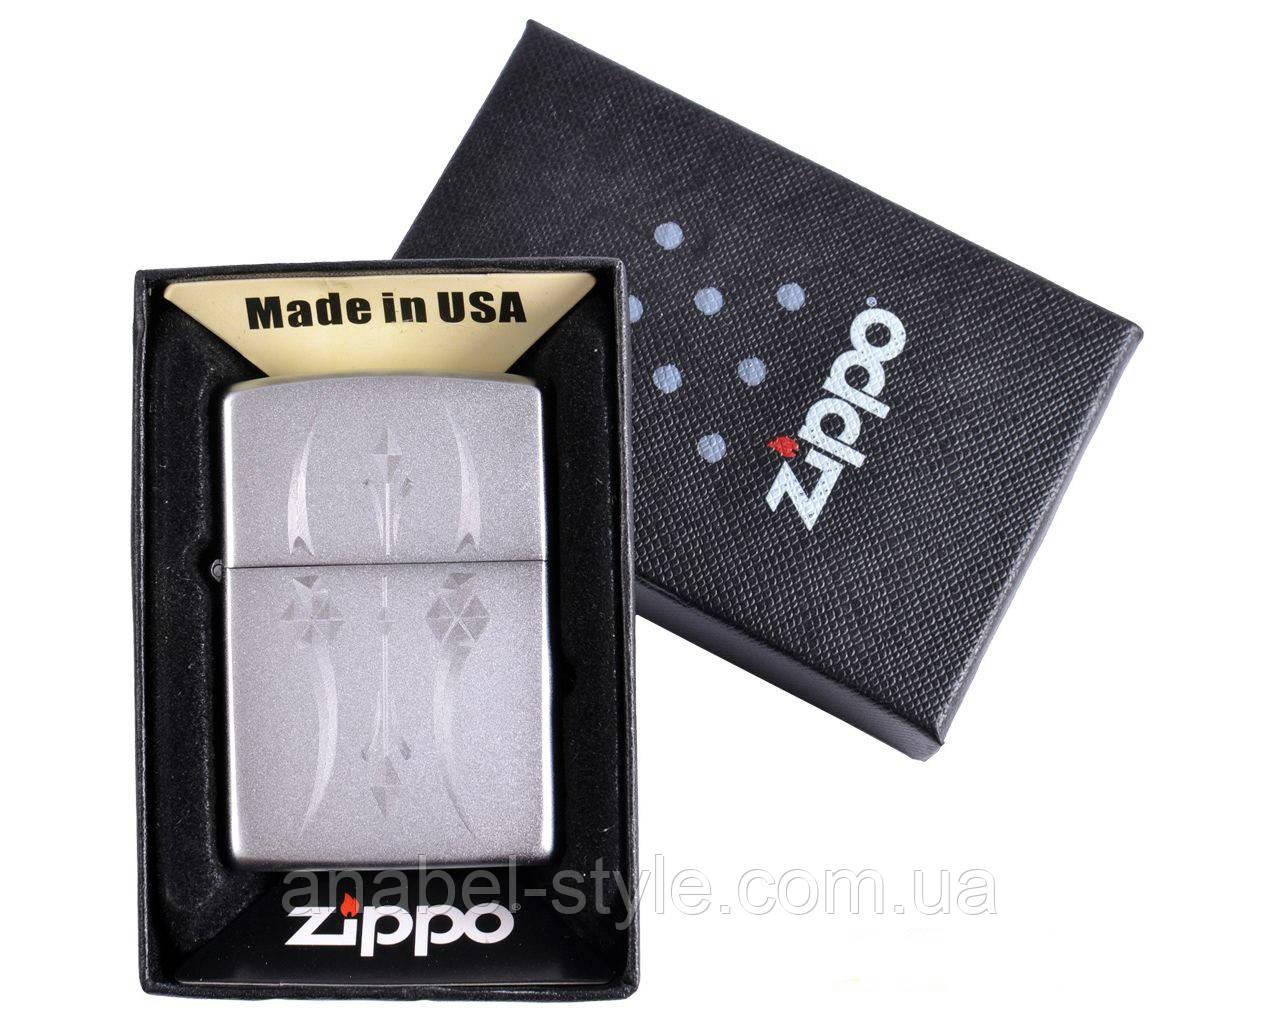 Зажигалка бензиновая Zippo в подарочной упаковке №4728-2 Код 118539